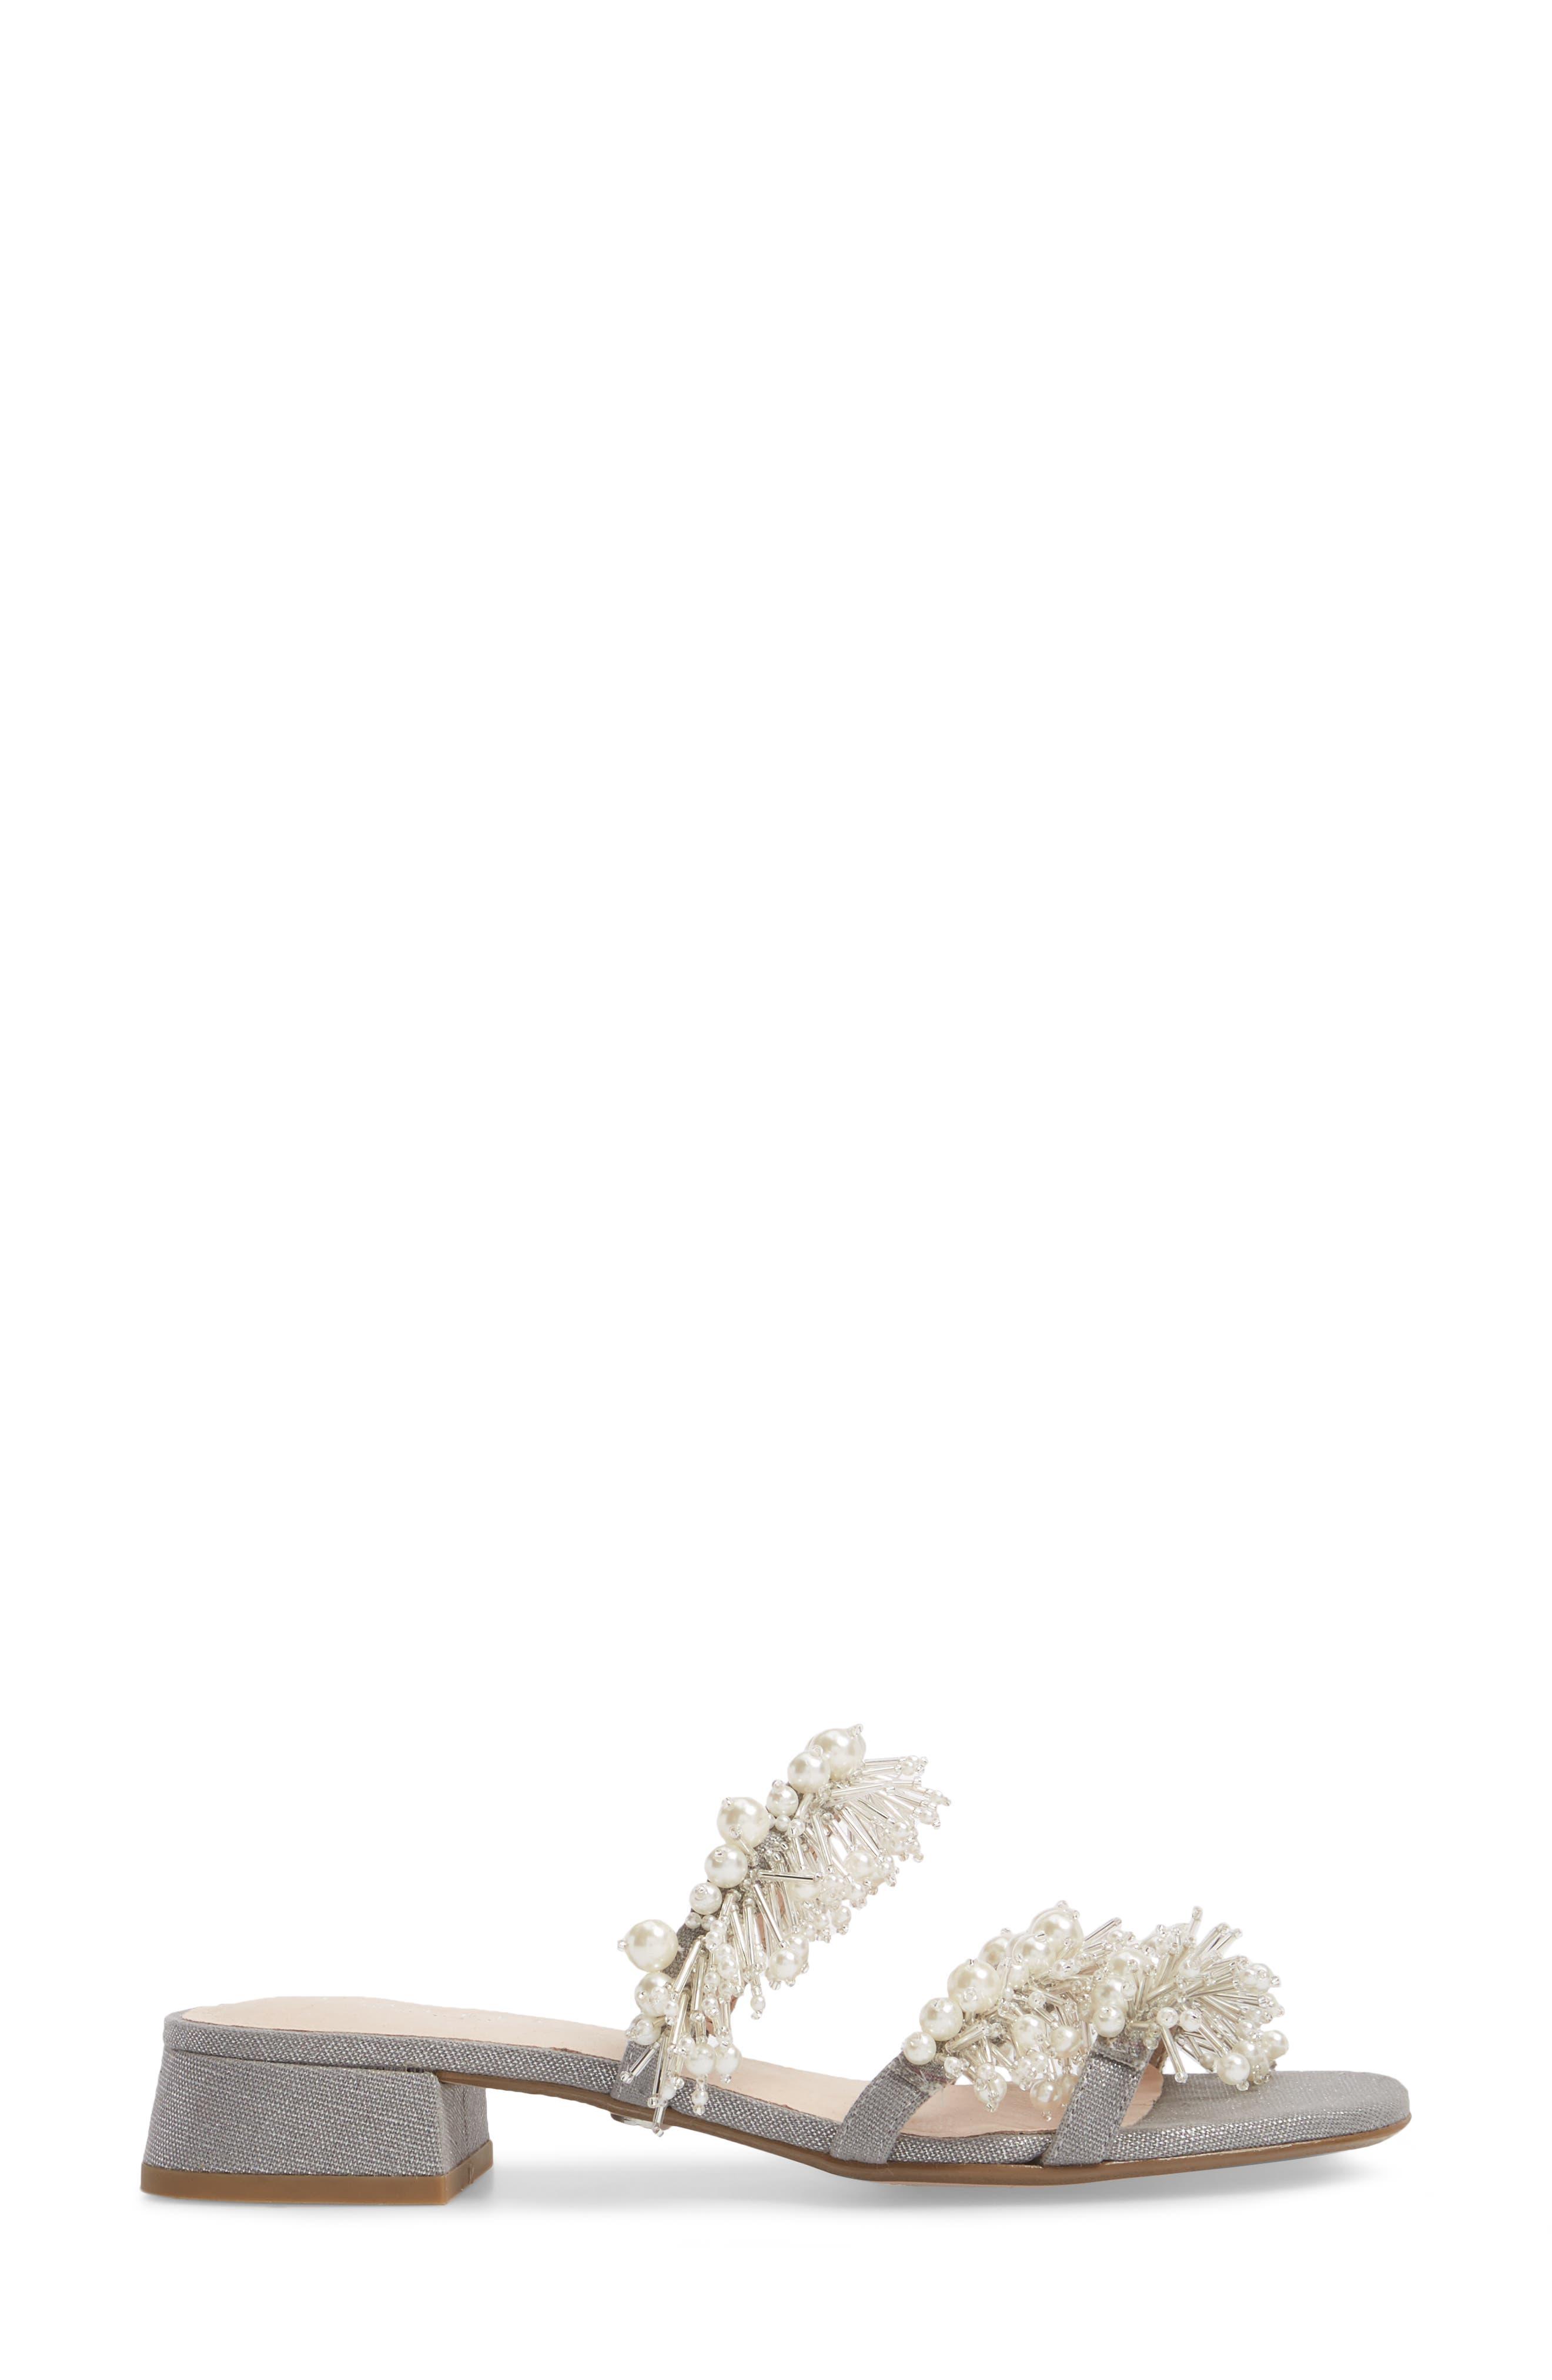 Fes Embellished Slide Sandal,                             Alternate thumbnail 3, color,                             Grey Fabric